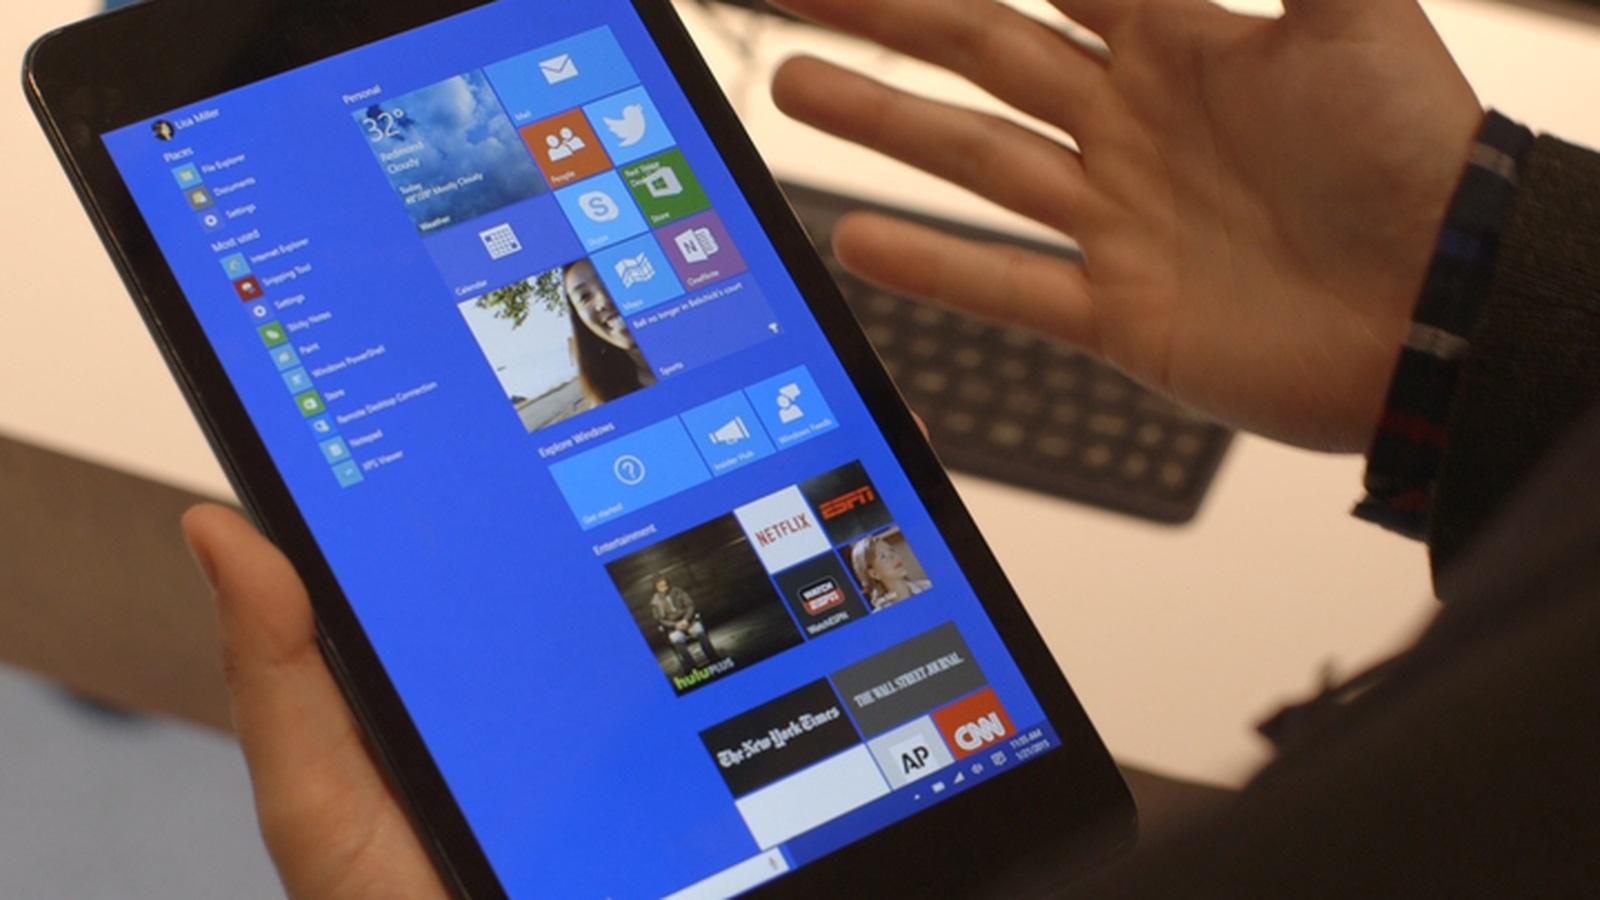 Így néz ki táblagépen a Windows 10 Build 10162